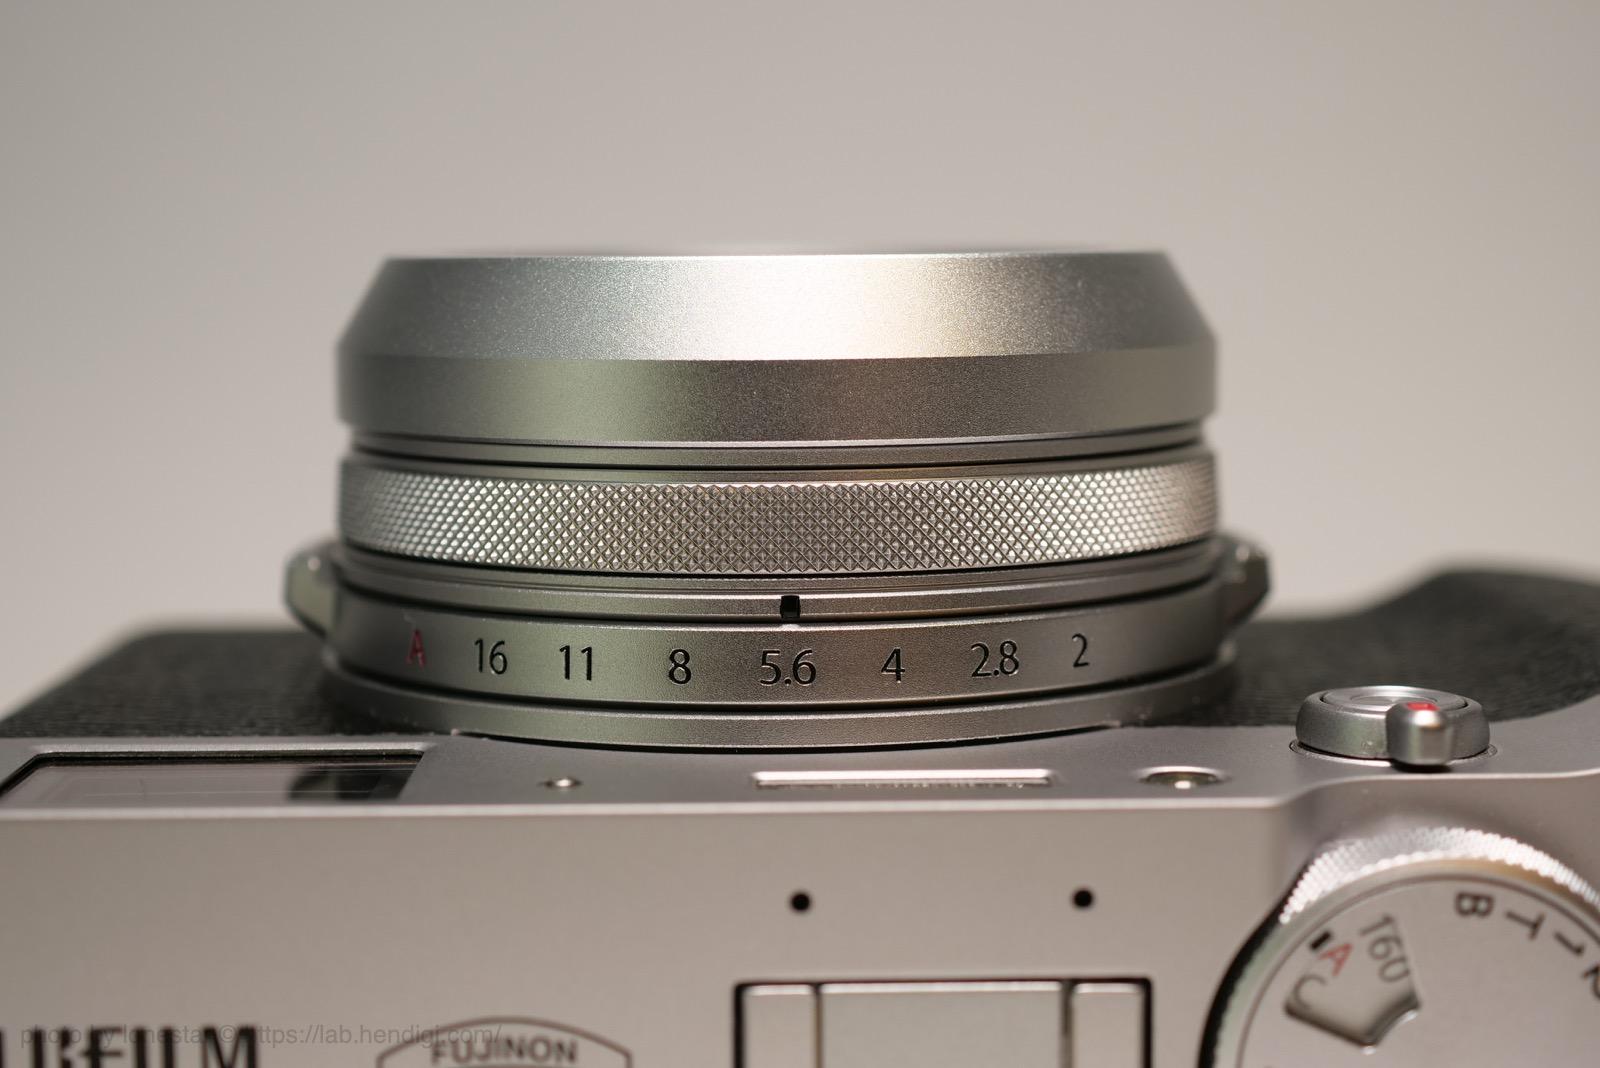 FUJIFILM X100V UVフィルター レビュー